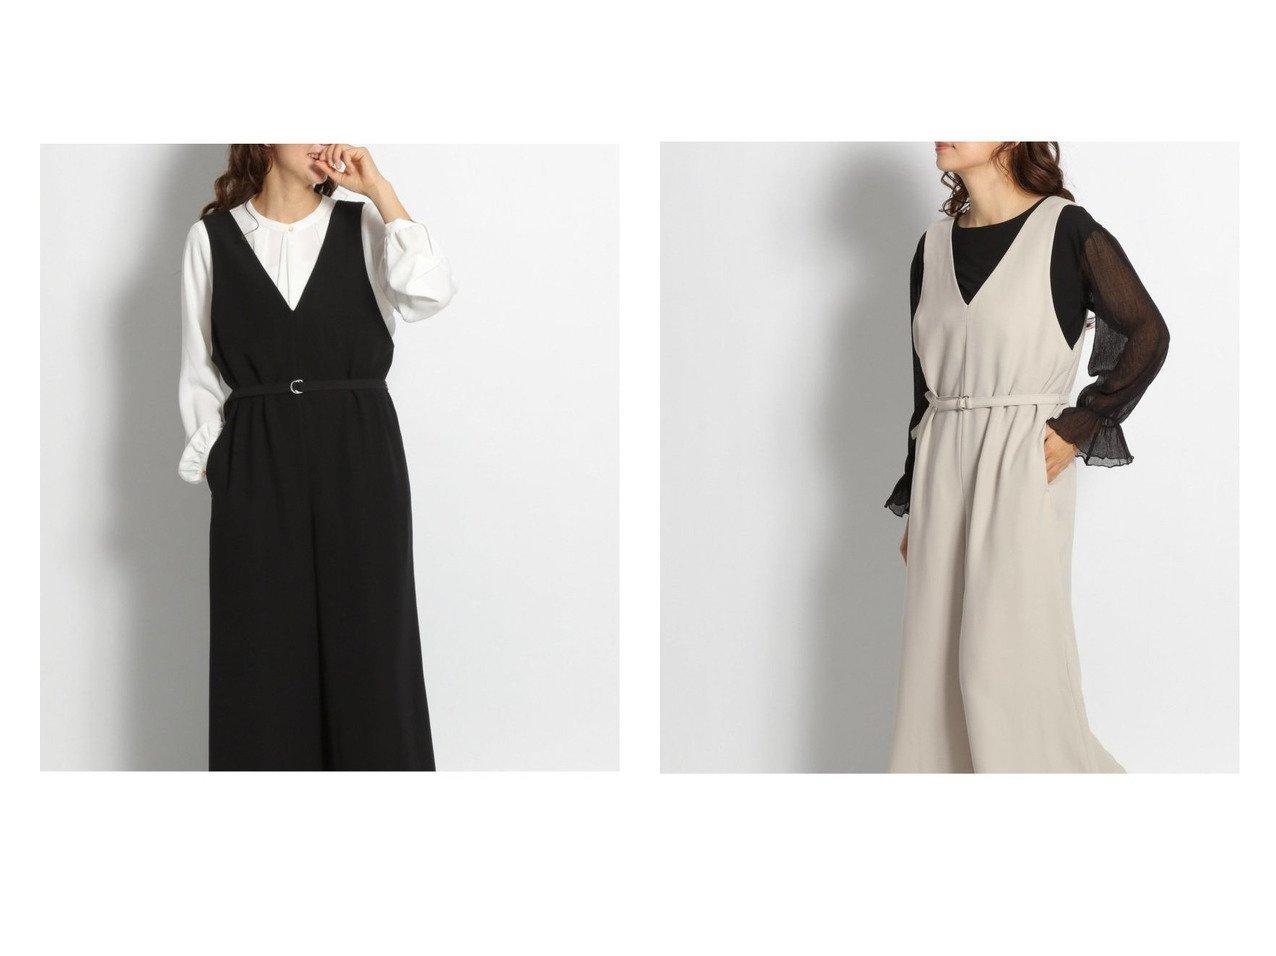 【niko and…/ニコアンド】の[BLACK BASIC STYLE]V開きベルト付きサロペット ワンピース・ドレスのおすすめ!人気、トレンド・レディースファッションの通販 おすすめで人気の流行・トレンド、ファッションの通販商品 メンズファッション・キッズファッション・インテリア・家具・レディースファッション・服の通販 founy(ファニー) https://founy.com/ ファッション Fashion レディースファッション WOMEN ベルト Belts サロペット シンプル ジャケット ジーンズ セットアップ バランス フォーマル モダン  ID:crp329100000009390